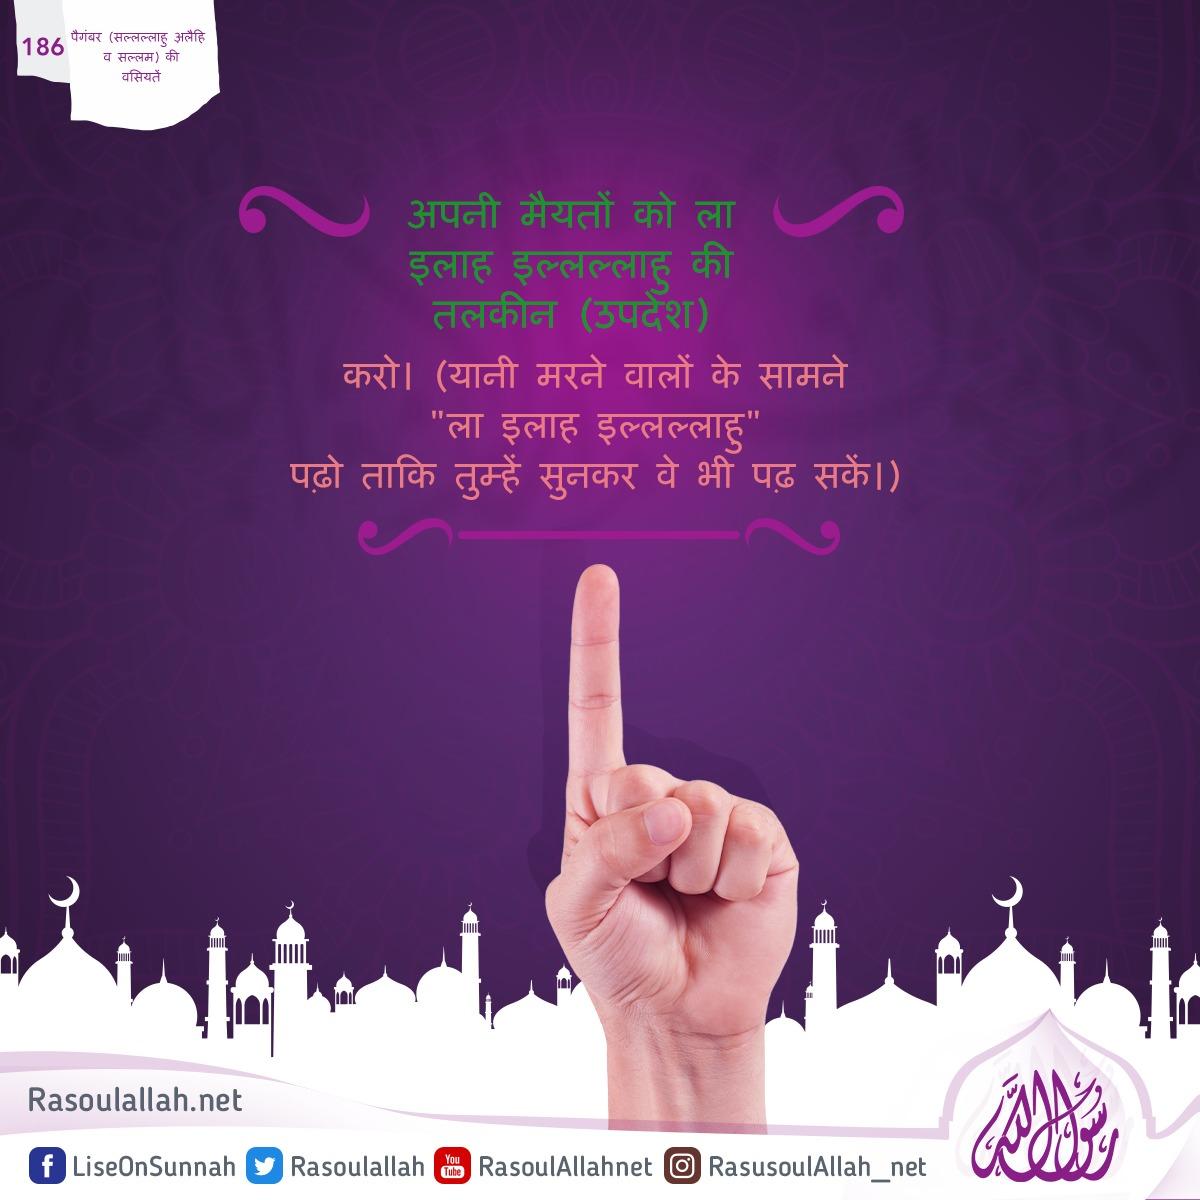 (186) अपनी मैयतों को ला इलाह इल्लल्लाहु की तलकीन (उपदेश) करो। (यानी मरने वालों के सामने